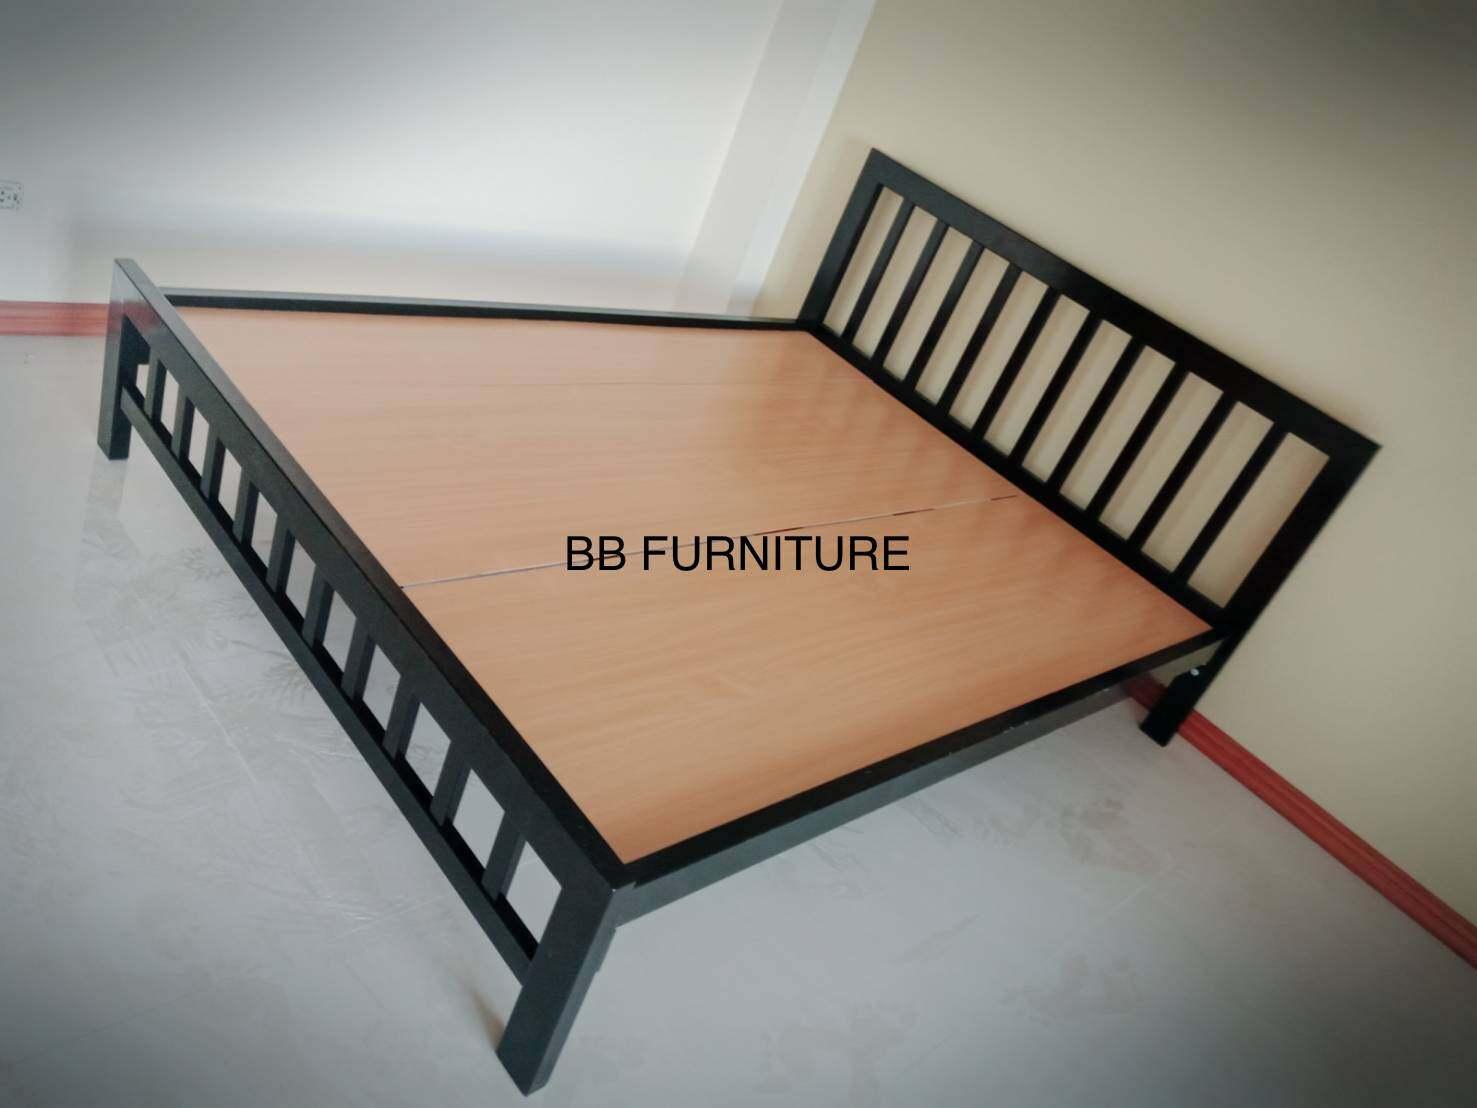 ฺฺbb5p-Wf เตียงเหล็กกล่อง ขนาด 5 ฟุต  พื้นไม้.